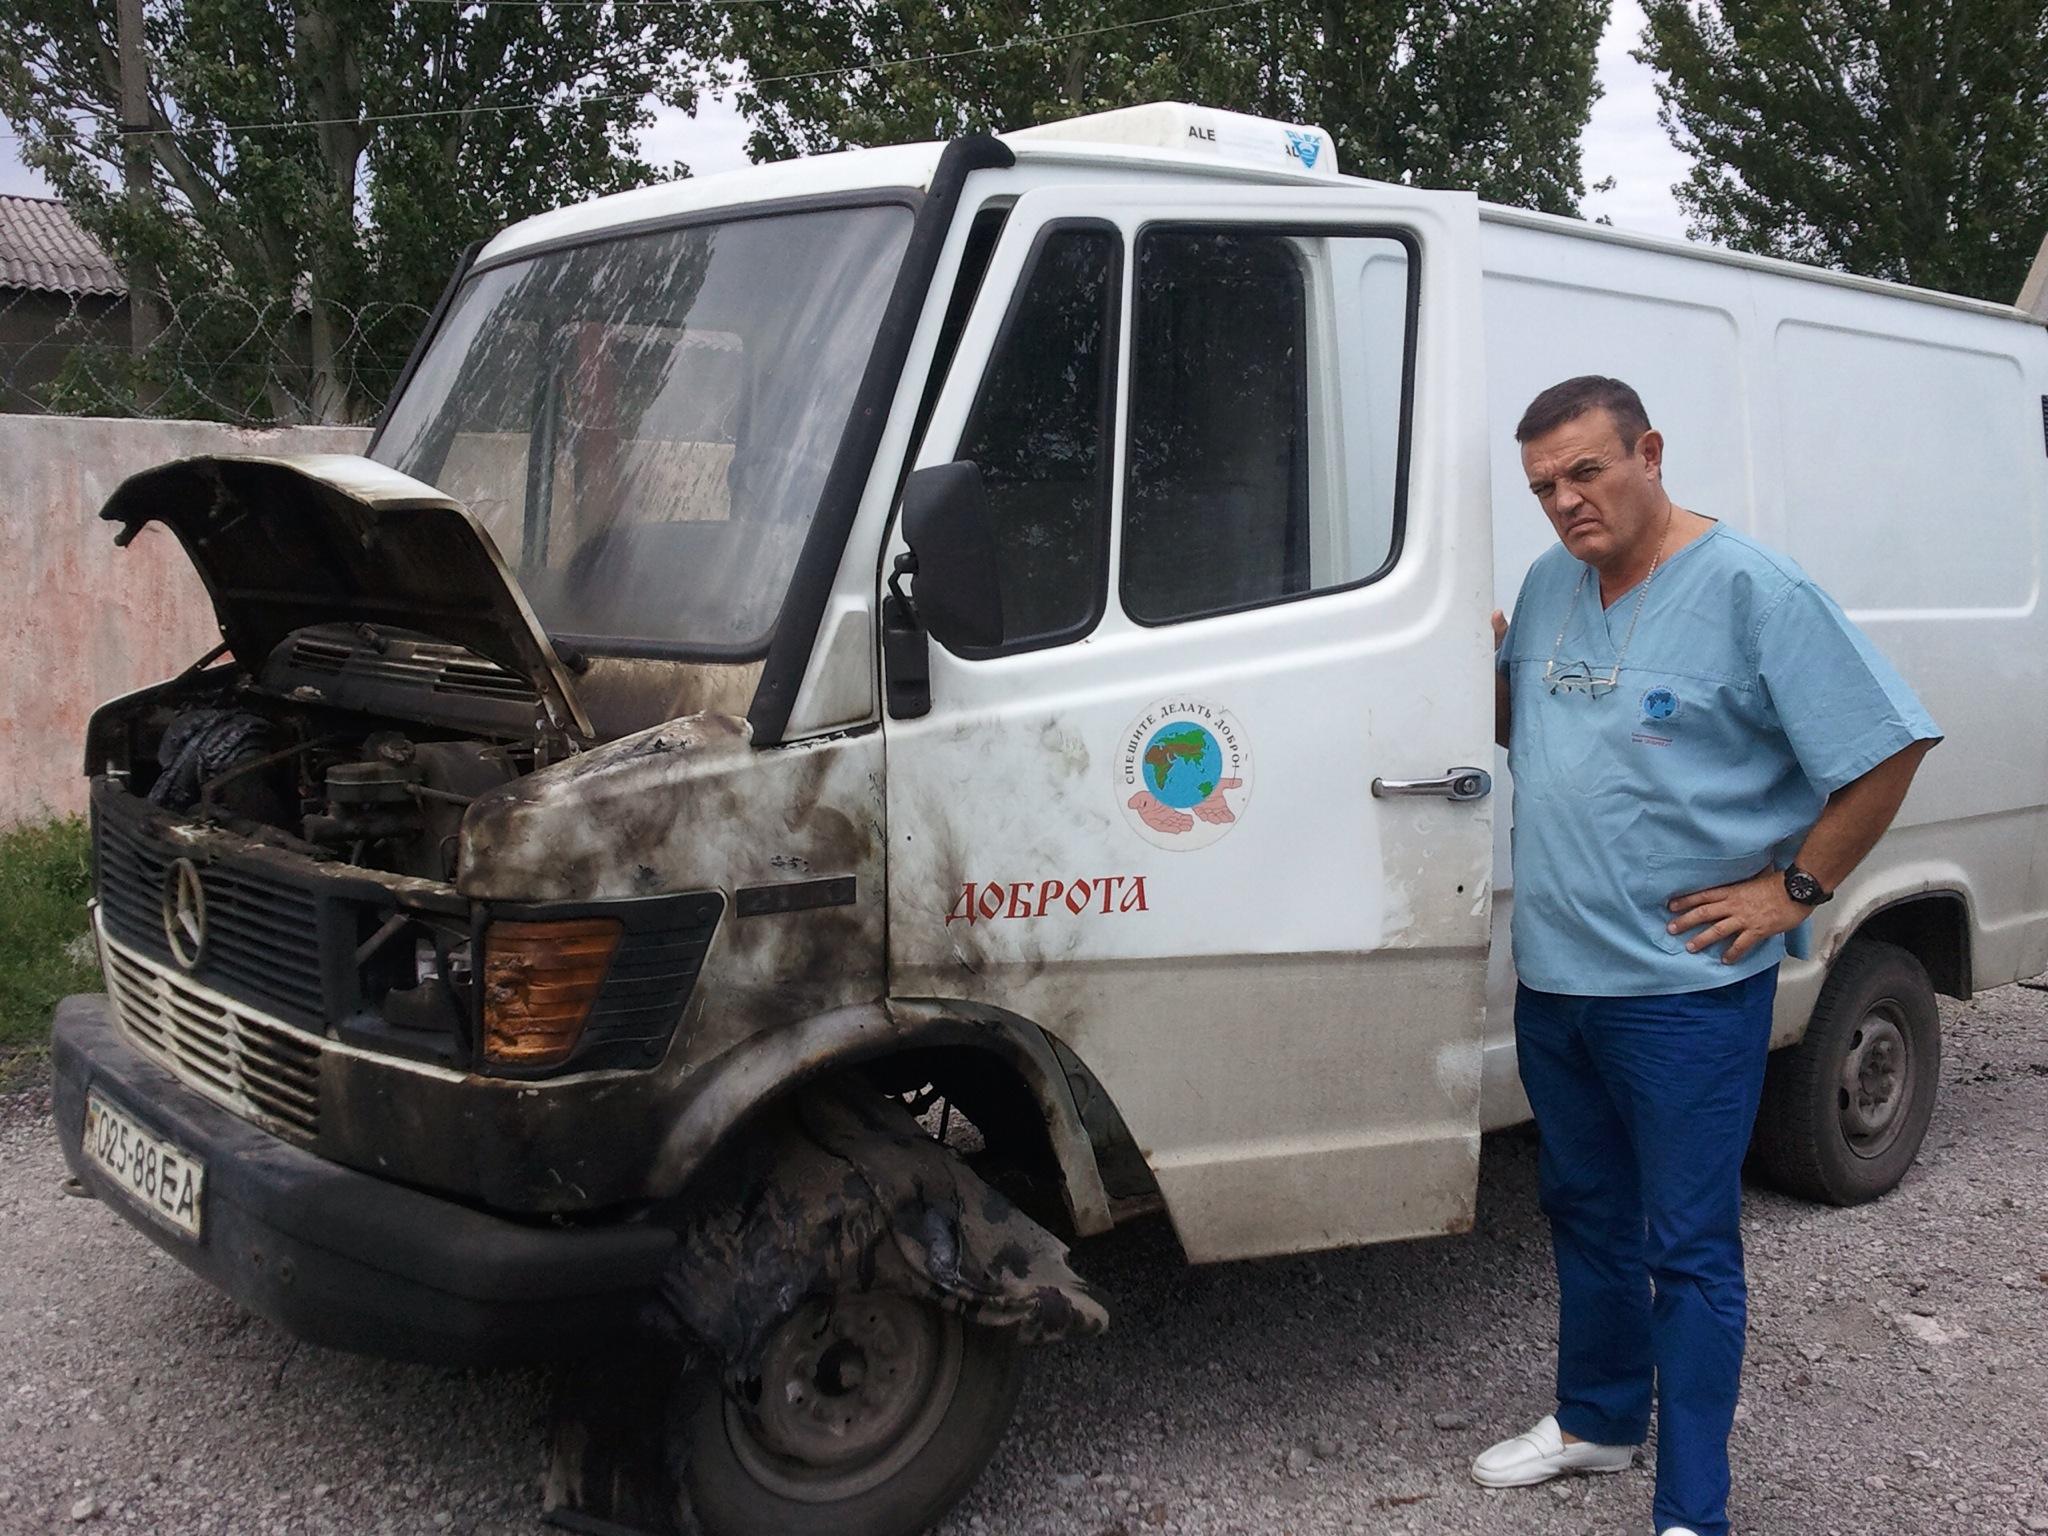 """У """"Доброты"""" сгорел микроавтобус, но это не остановило Якова Рогалина"""